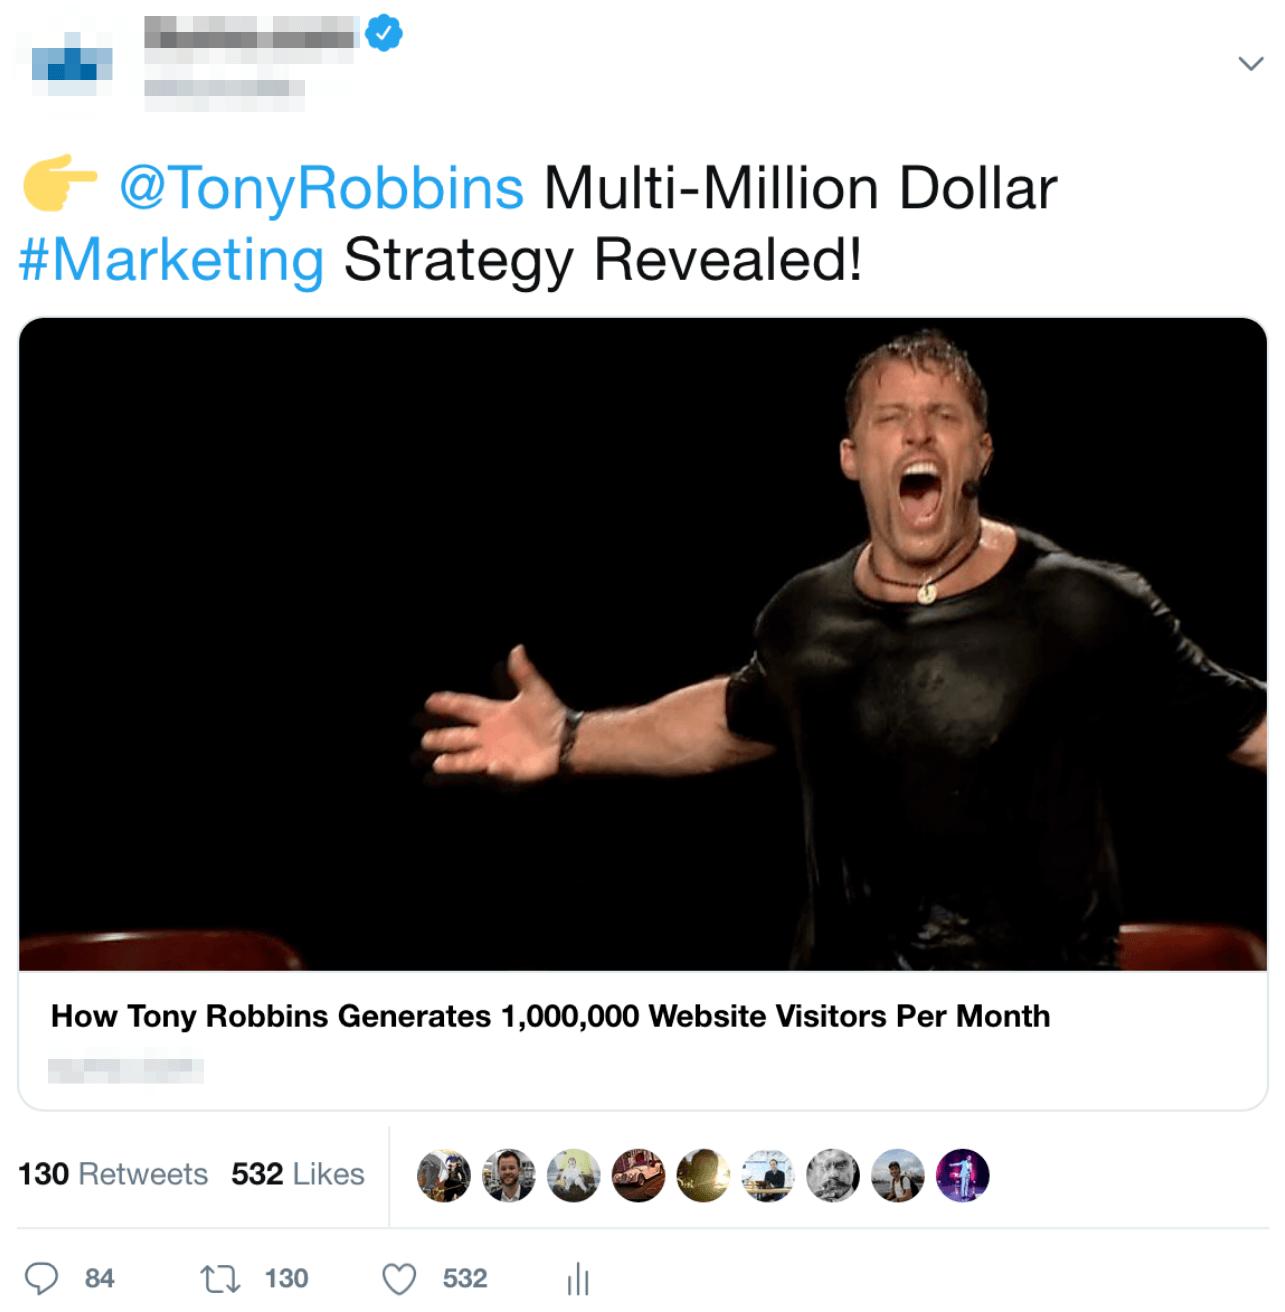 tony robbins twitter ad